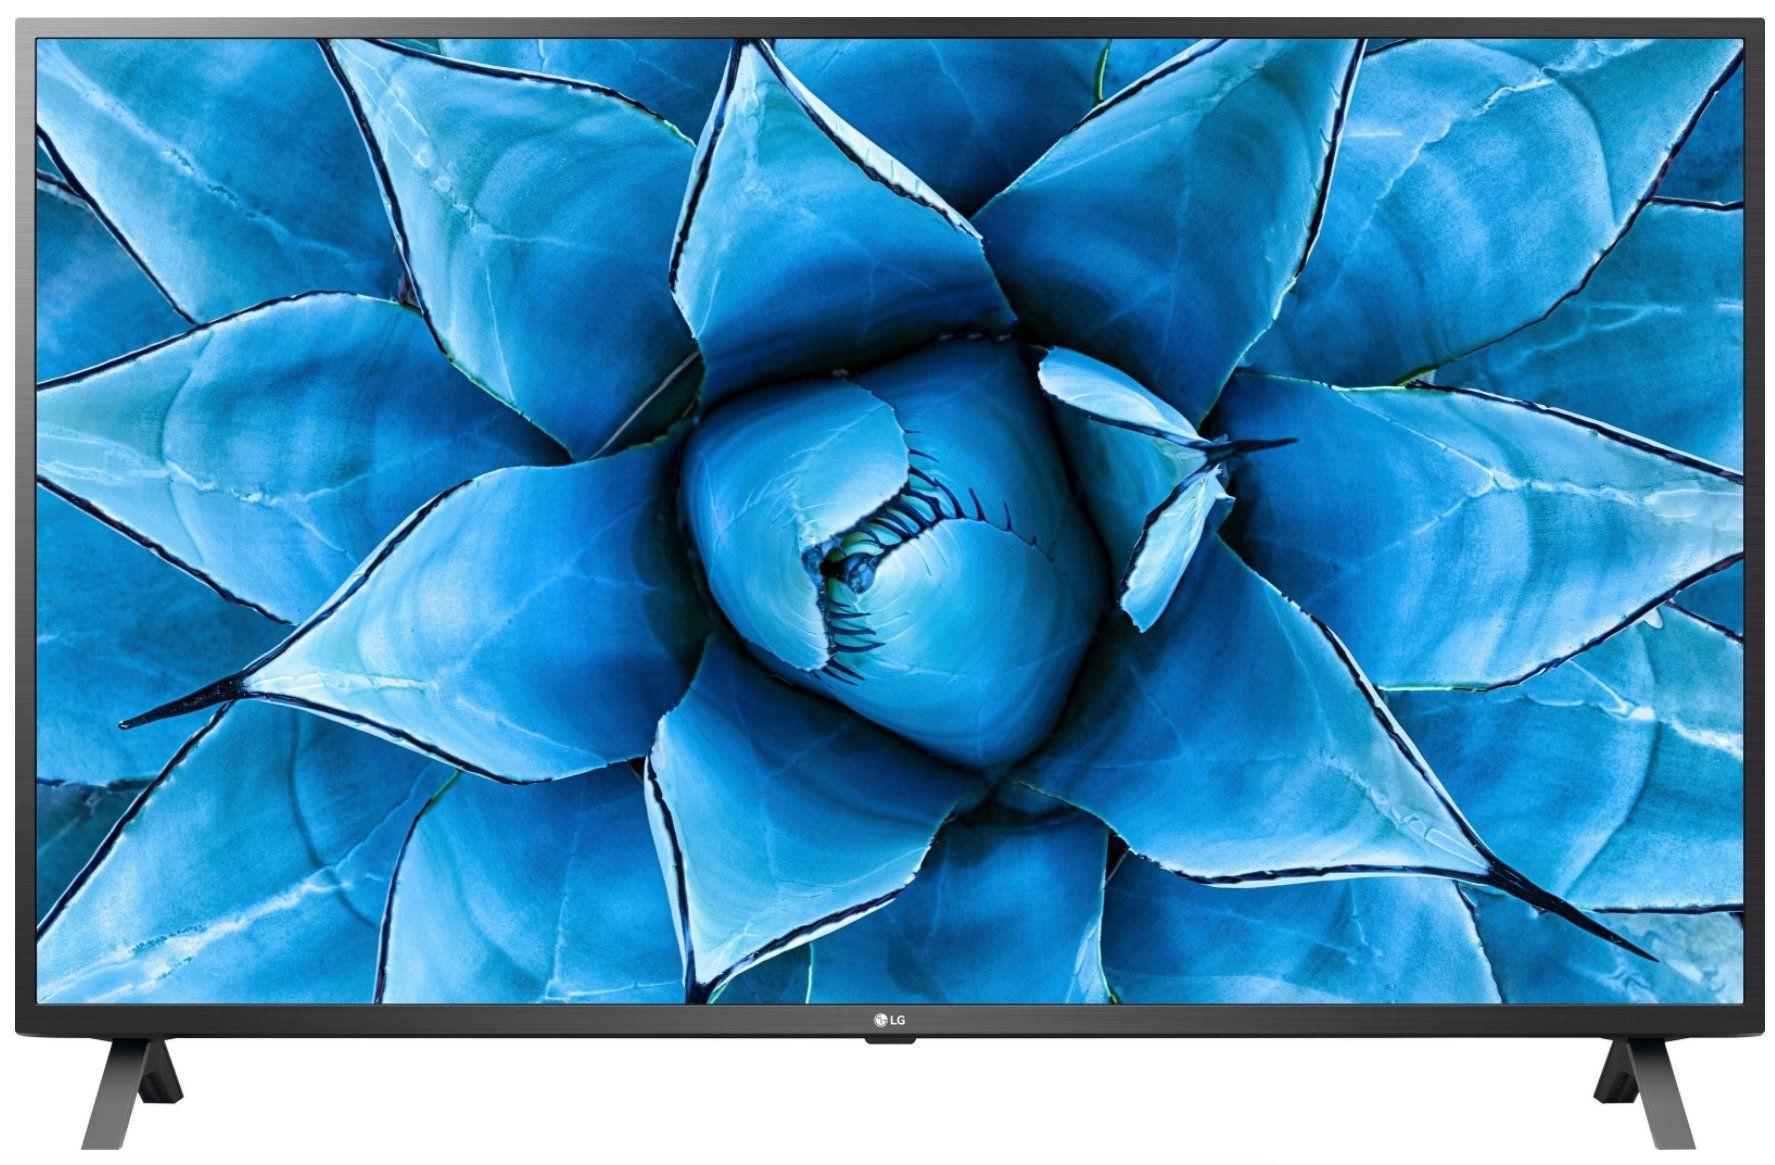 LG 50UN73006LA   50 Zoll UHD Fernseher inkl. Magic Remote für 429,99€ (statt 486€)